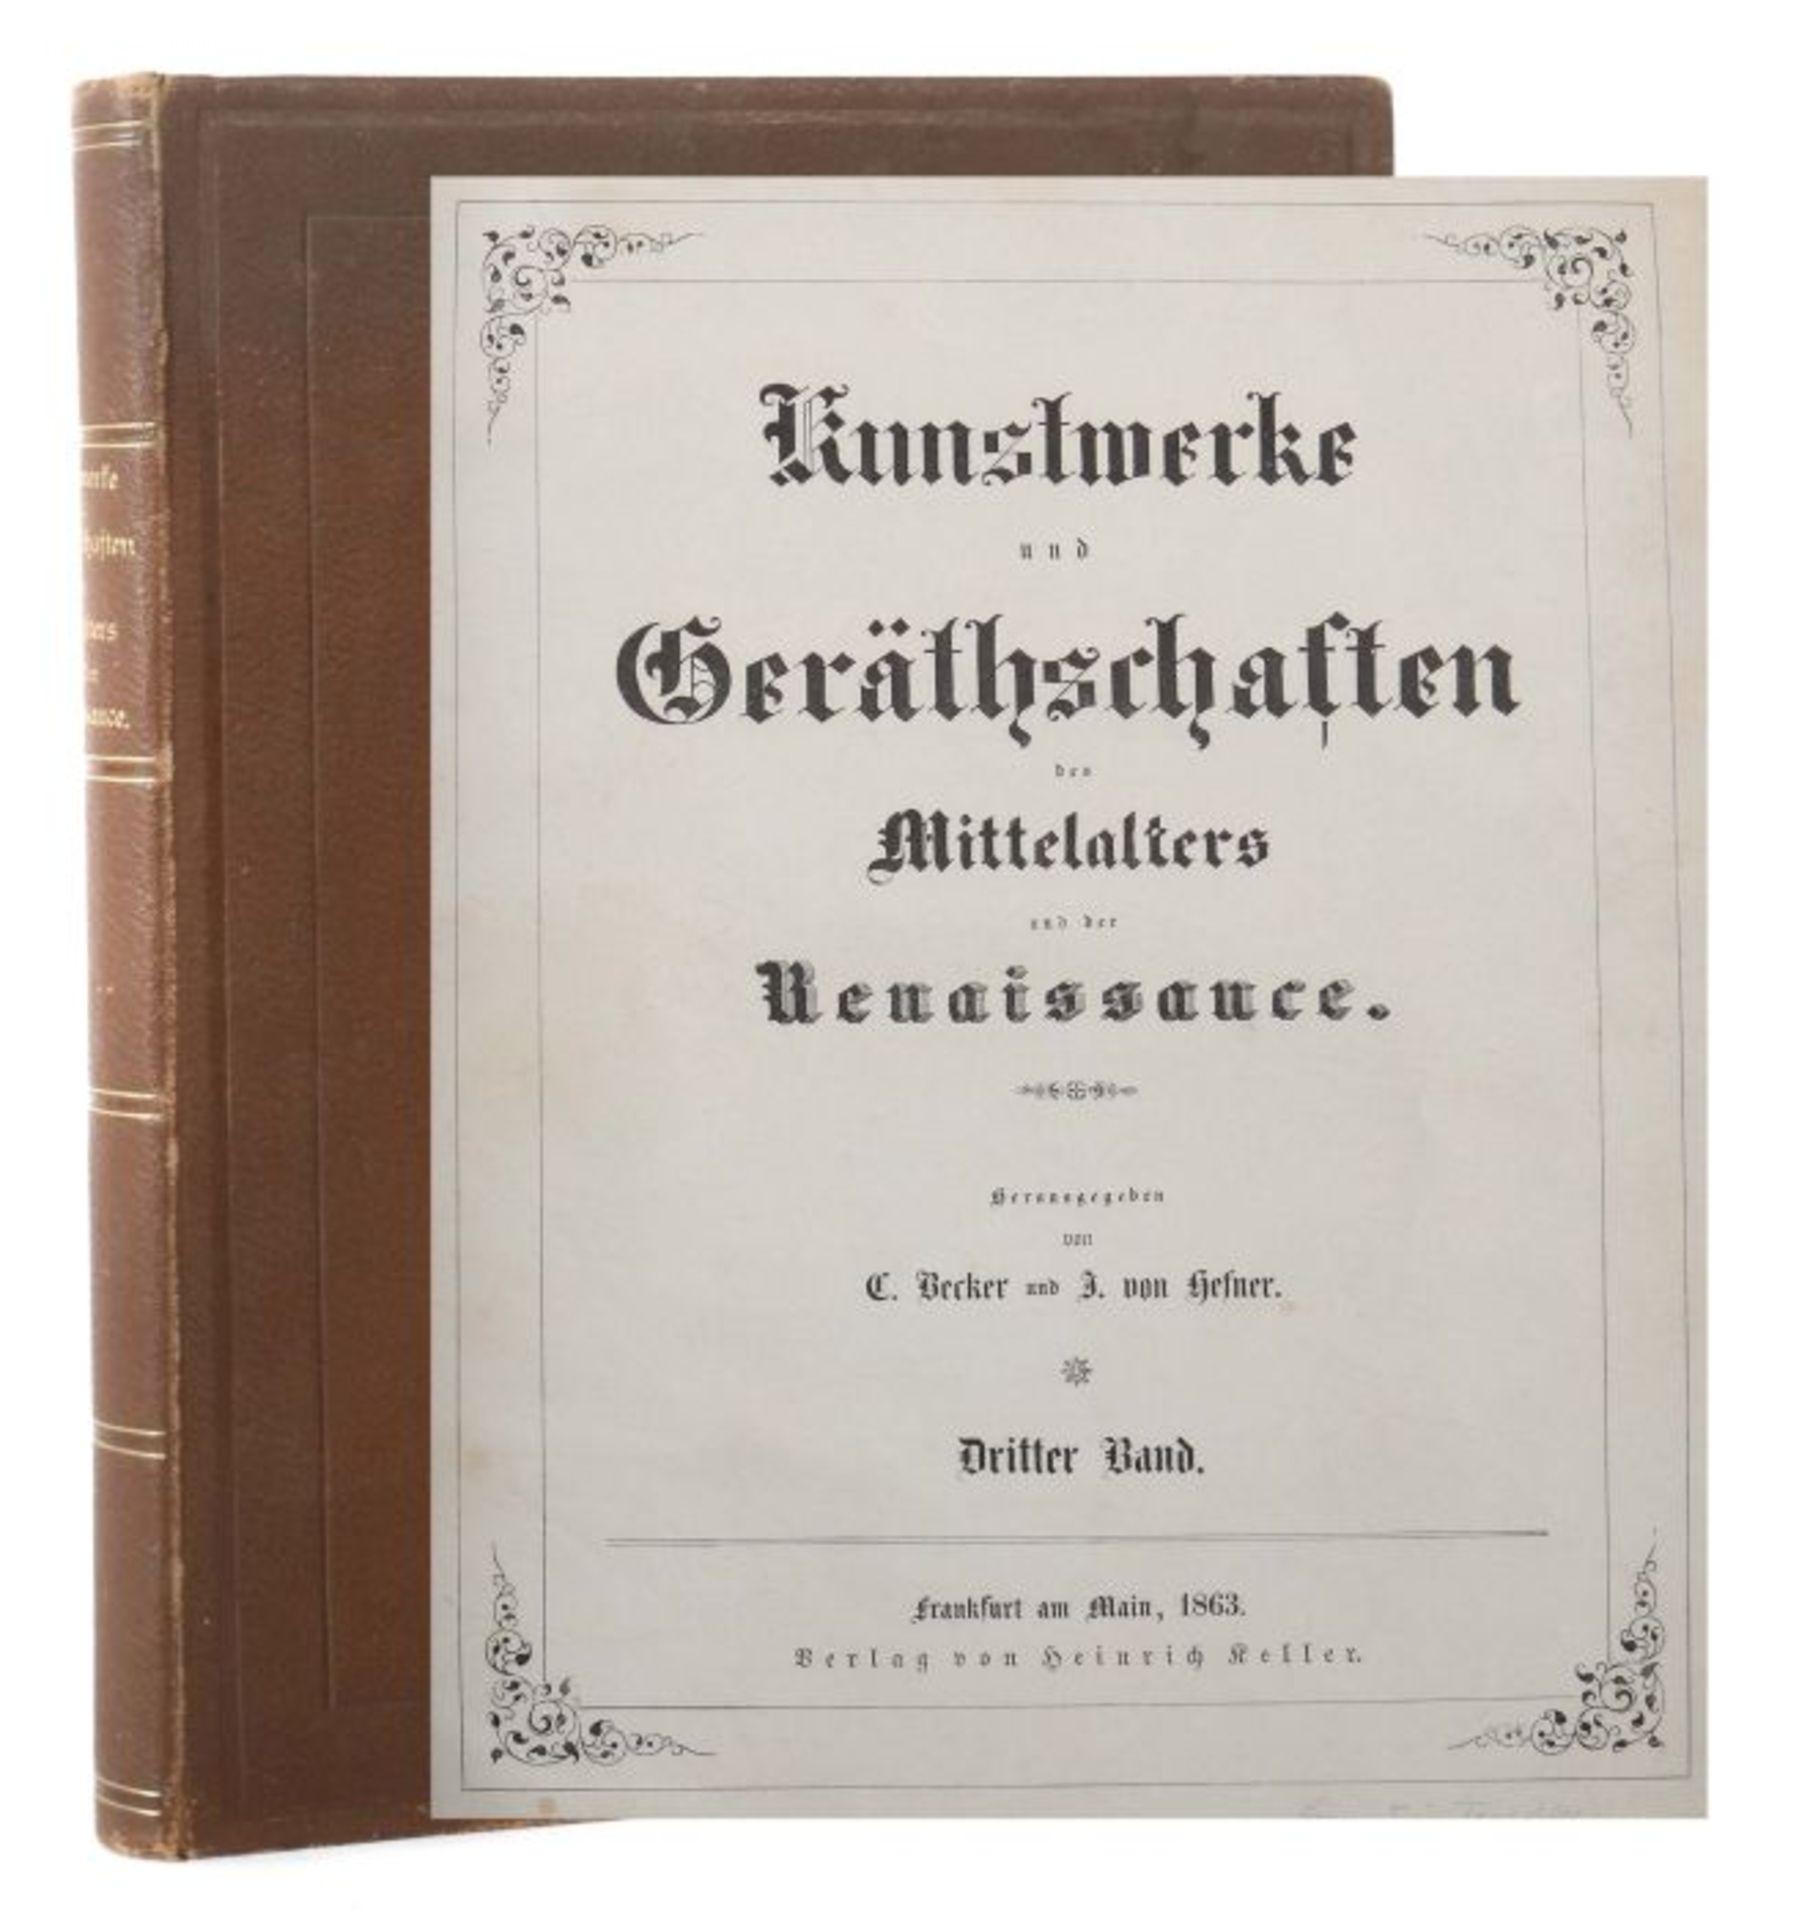 Becker, C. & Hefner, J. von (Hrsg.) Kunstwerke und Geräthschaften des Mittelalters und der